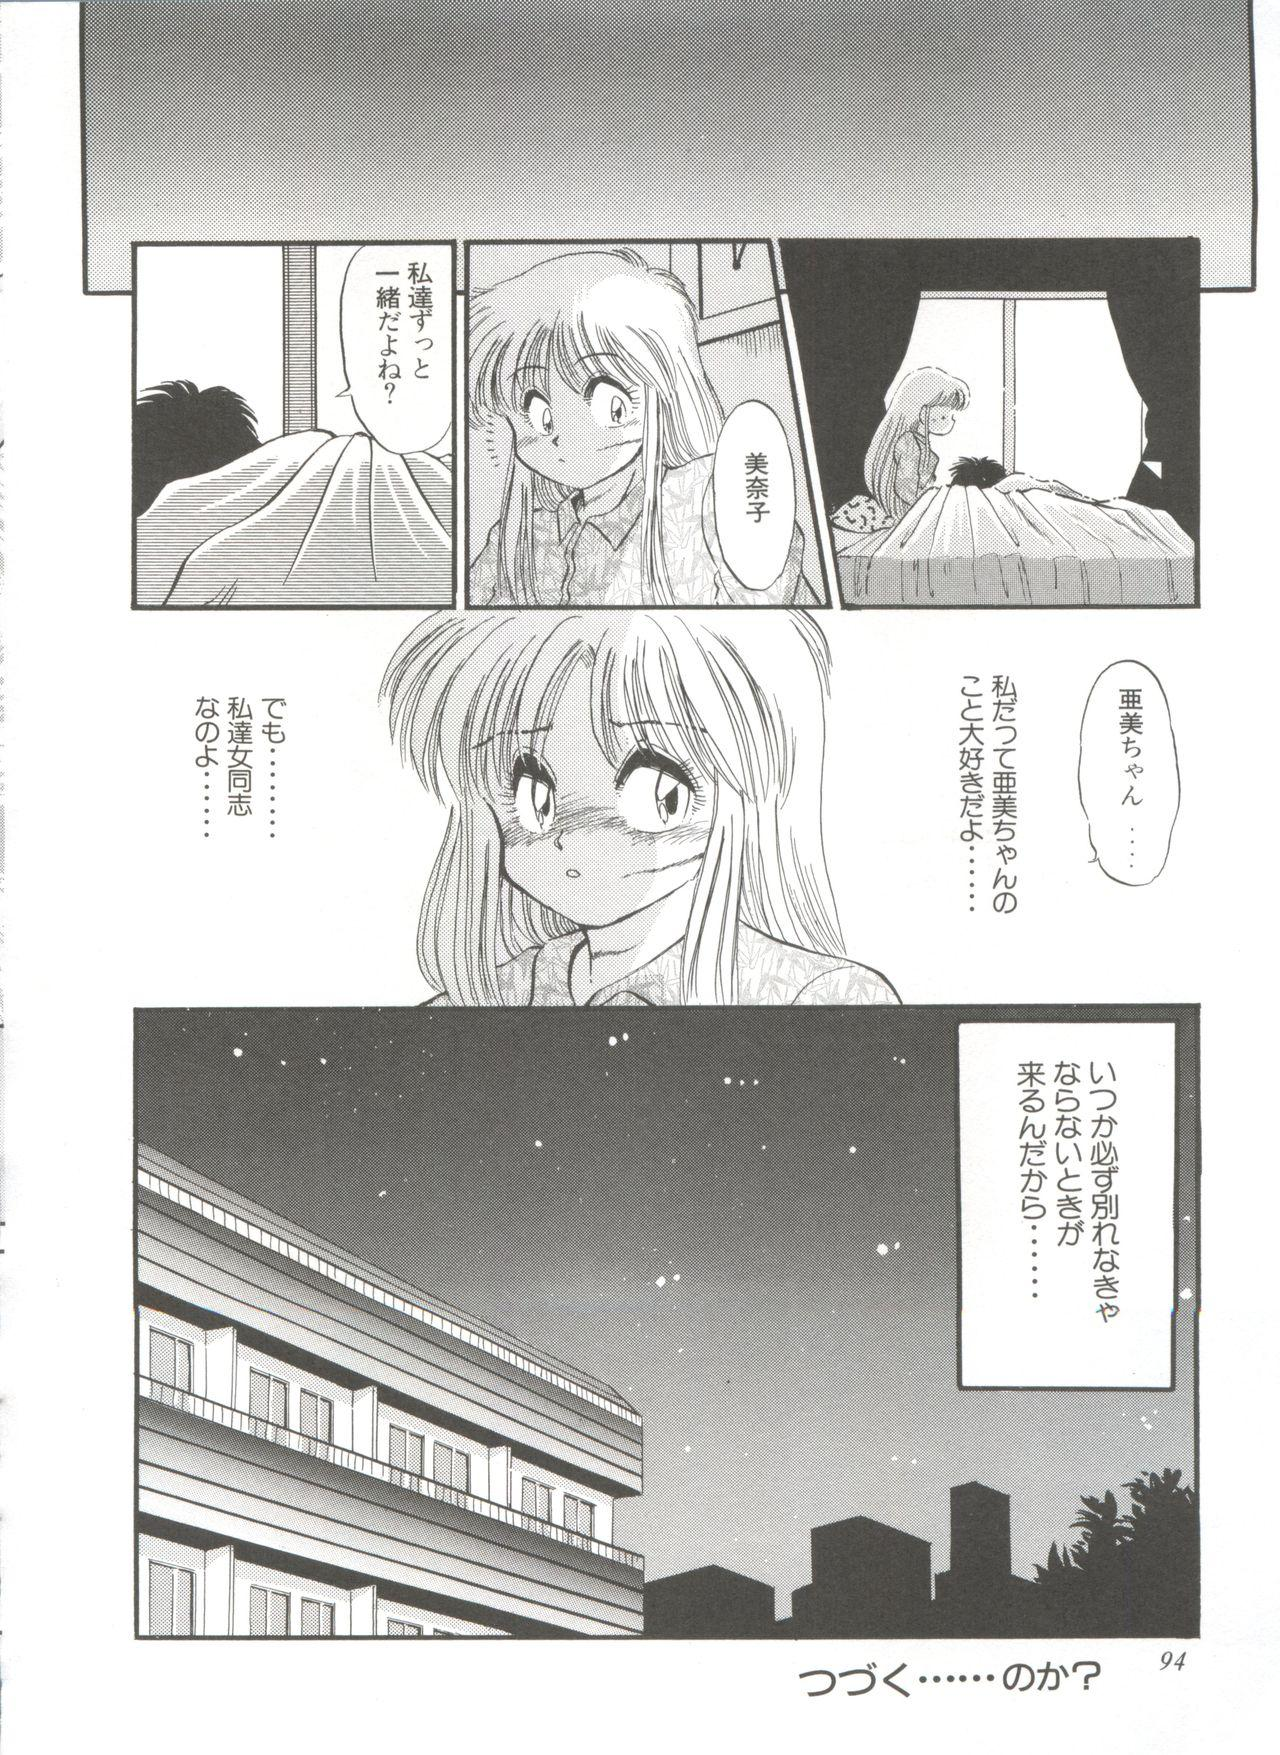 Shin Bishoujo Shoukougun 1 Reimei Hen 99